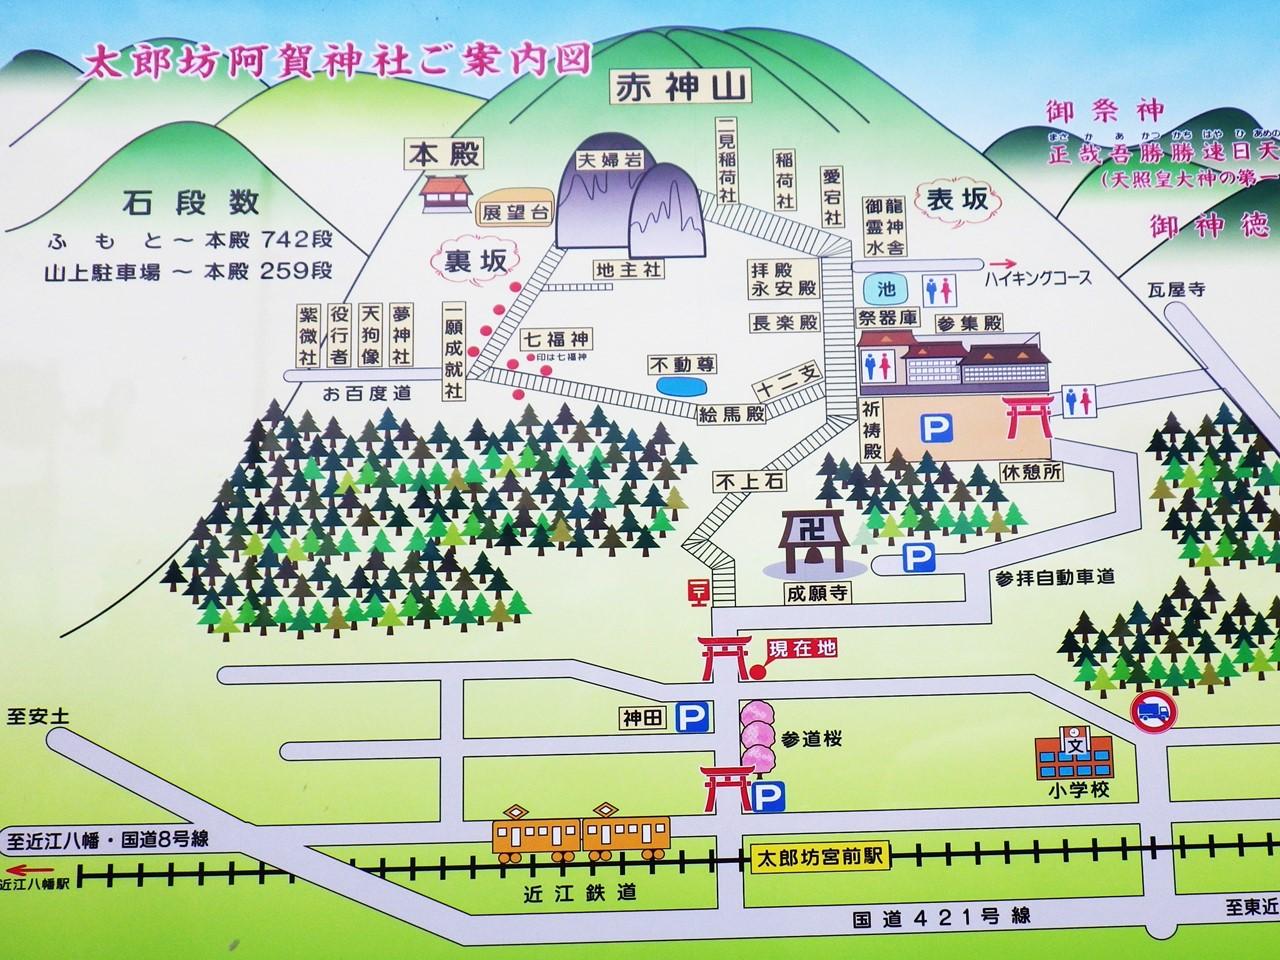 21a 太郎坊宮の案内図